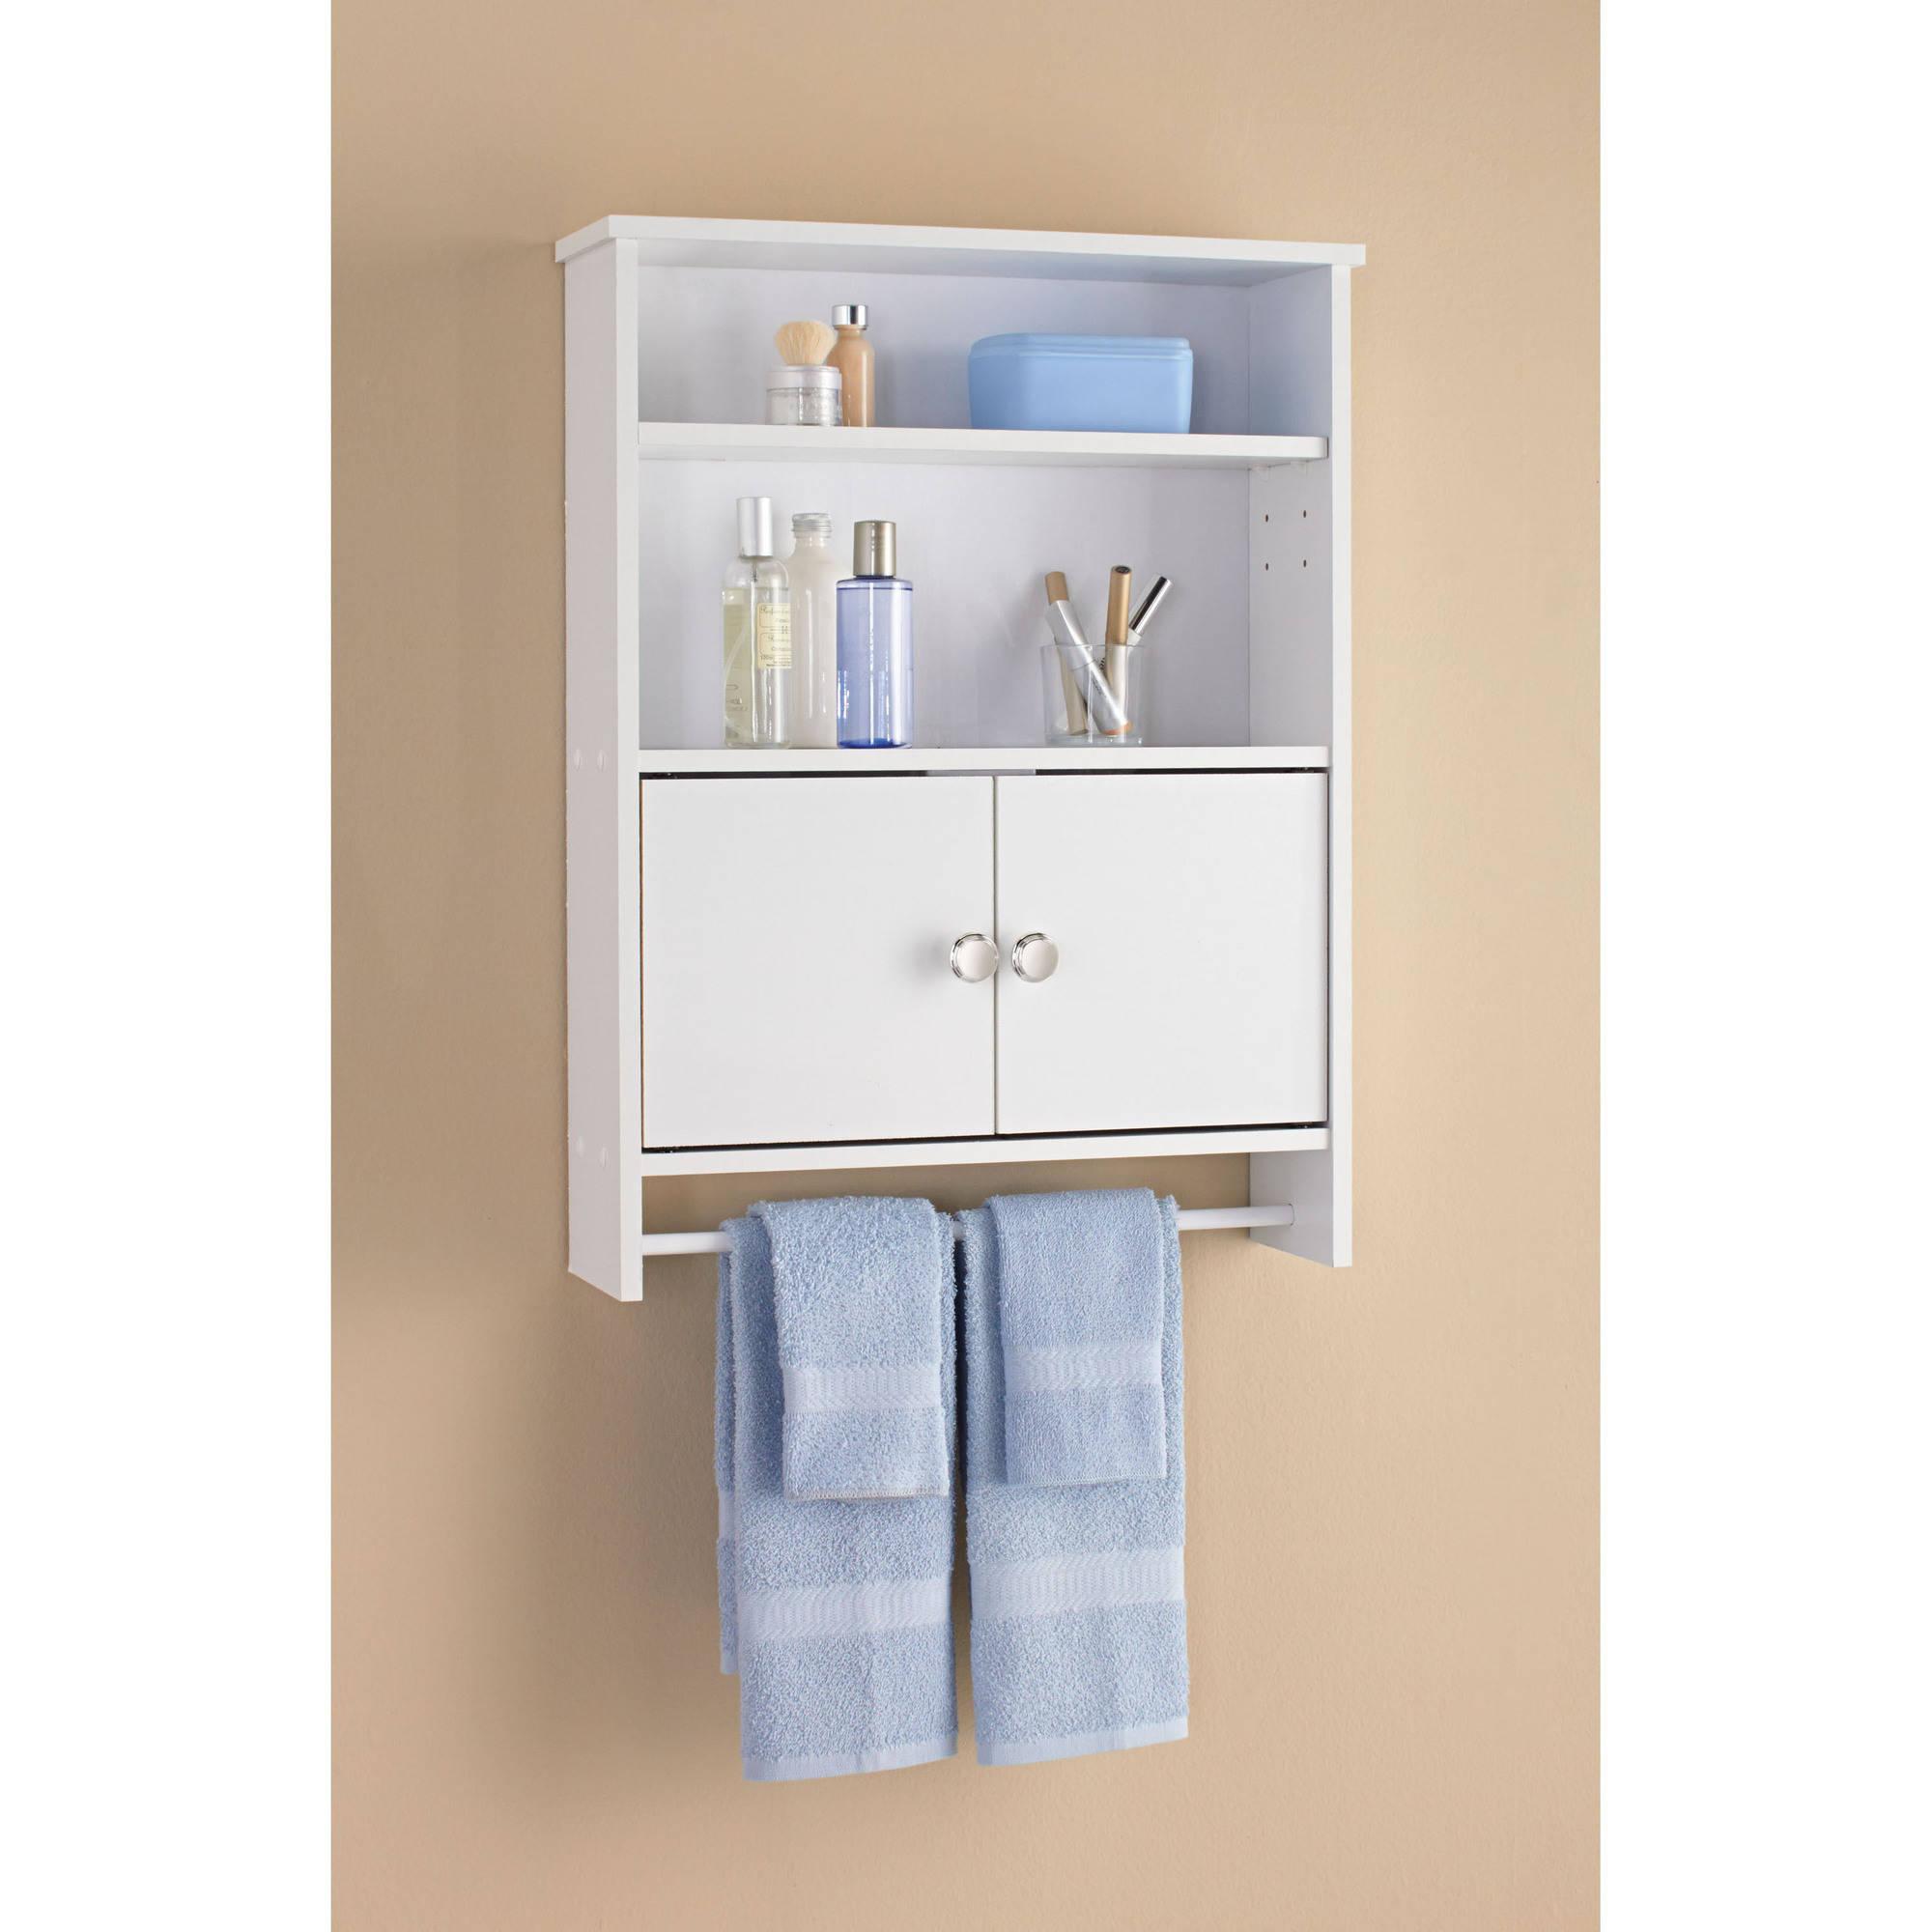 Zenna Home Drop Door Bathroom Spacesaver With 2 Door Cabinet pertaining to size 2000 X 2000